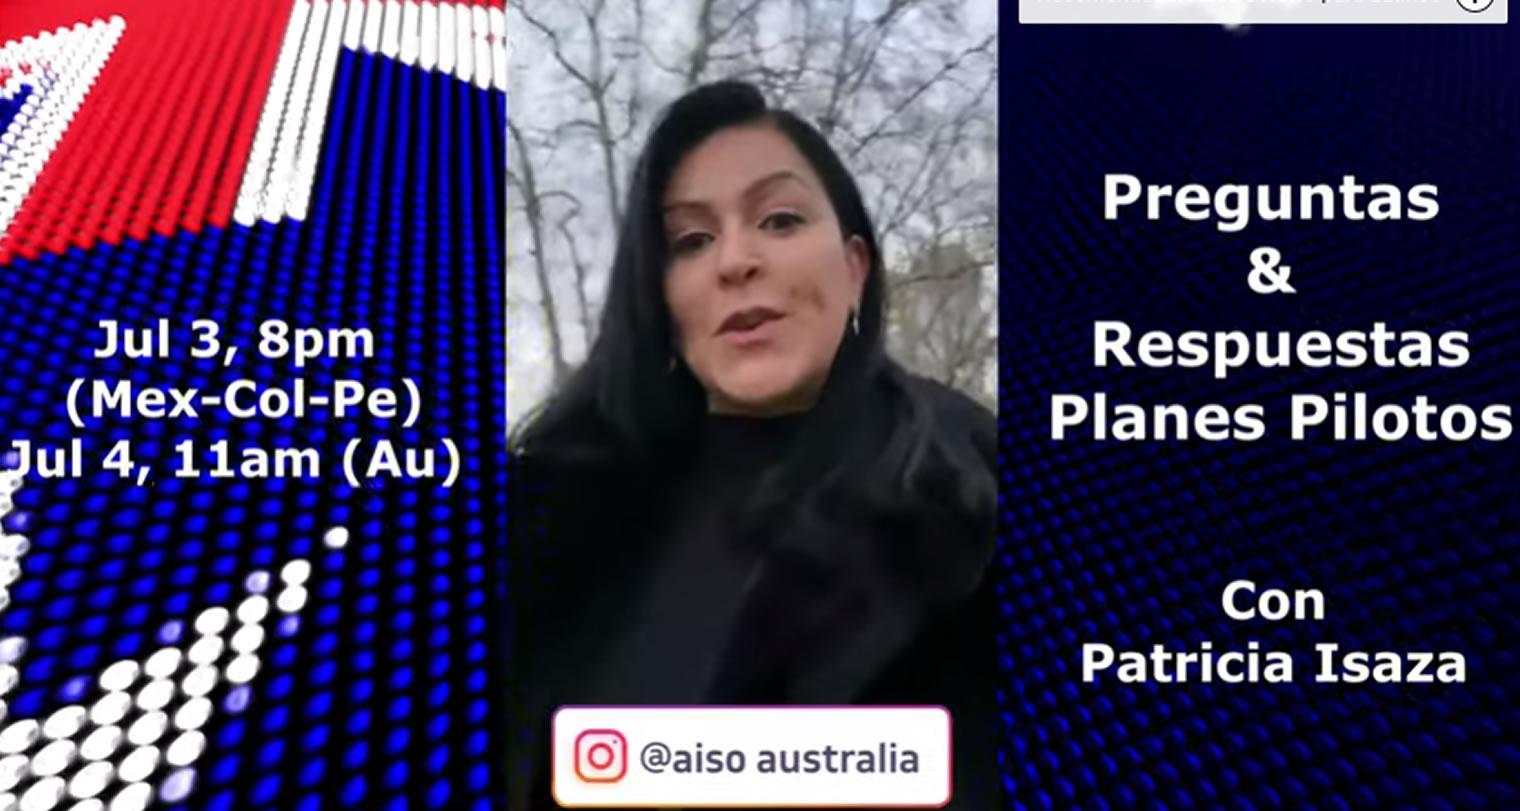 Planes Pilotos en Australia - PREGUNTAS Y RESPUESTAS